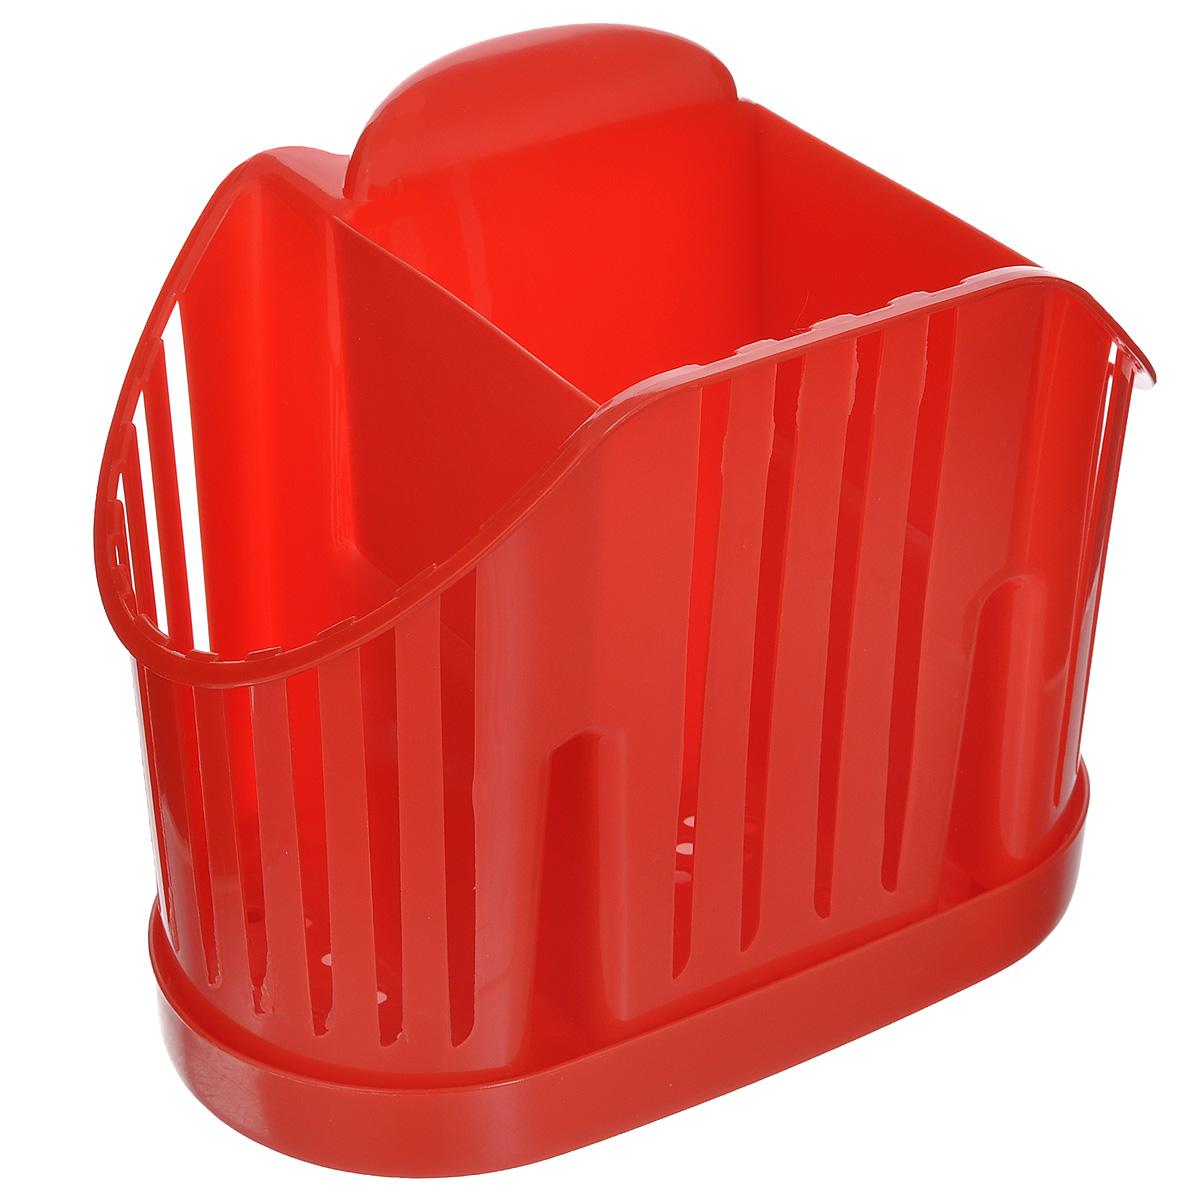 Подставка для столовых приборов Idea, цвет: красныйМ 1160Подставка для столовых приборов Idea, выполненная из высококачественного полипропилена, станет полезным приобретением для вашей кухни. Изделие оснащено 3 секциями для различных столовых приборов. Дно и стенки имеют перфорацию для легкого стока жидкости, которую собирает поддон. Такая подставка поможет аккуратно рассортировать все столовые приборы и тем самым поддерживать порядок на кухне. Размер подставки: 13,5 см х 17,5 см х 11 см. Размер поддона: 18,5 см х 10 см х 2 см.